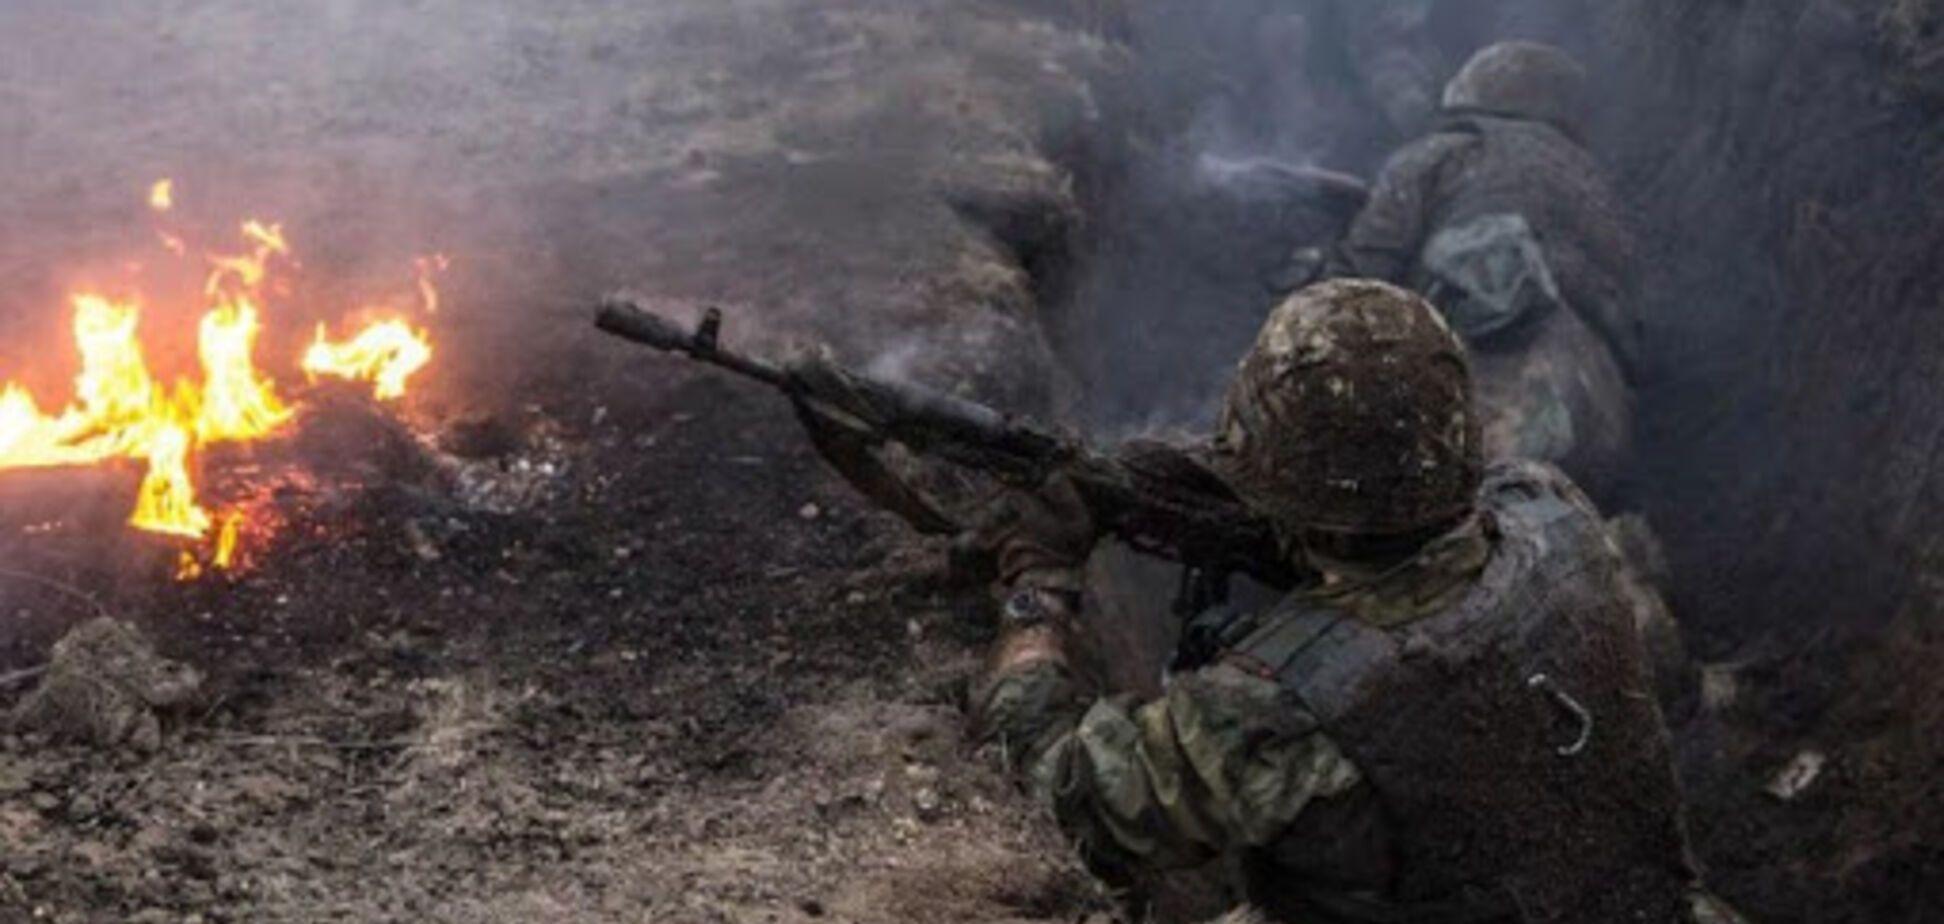 Зеленский обвинил Путина в срыве мира на востоке Украины: первая реакция